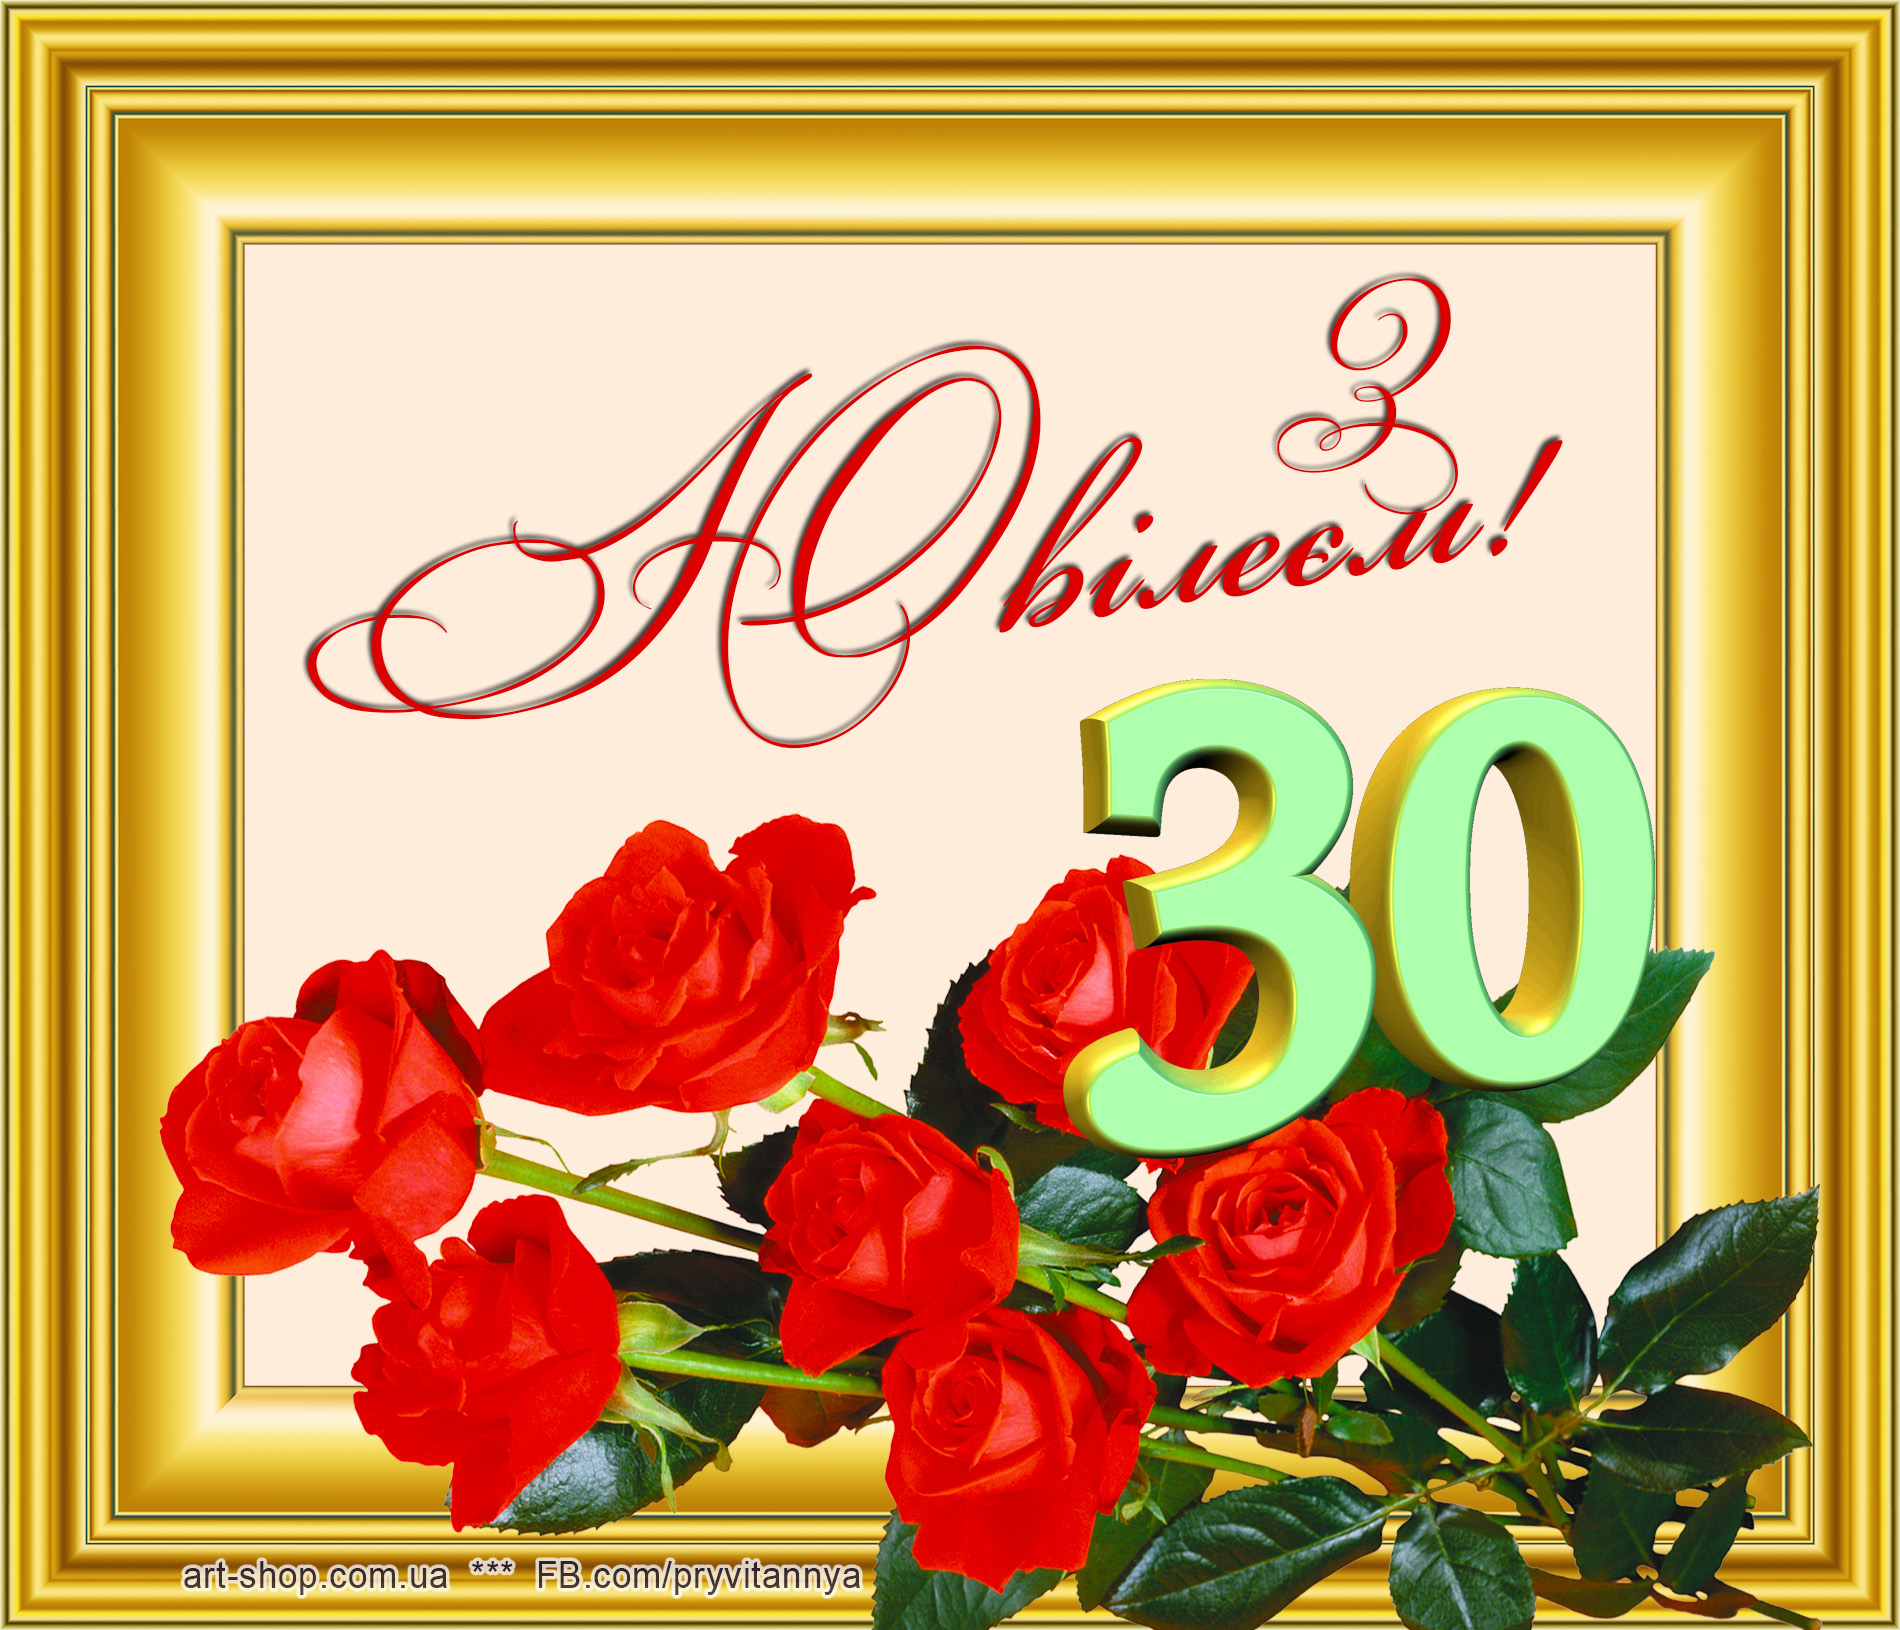 вітання на ювілей 30 років